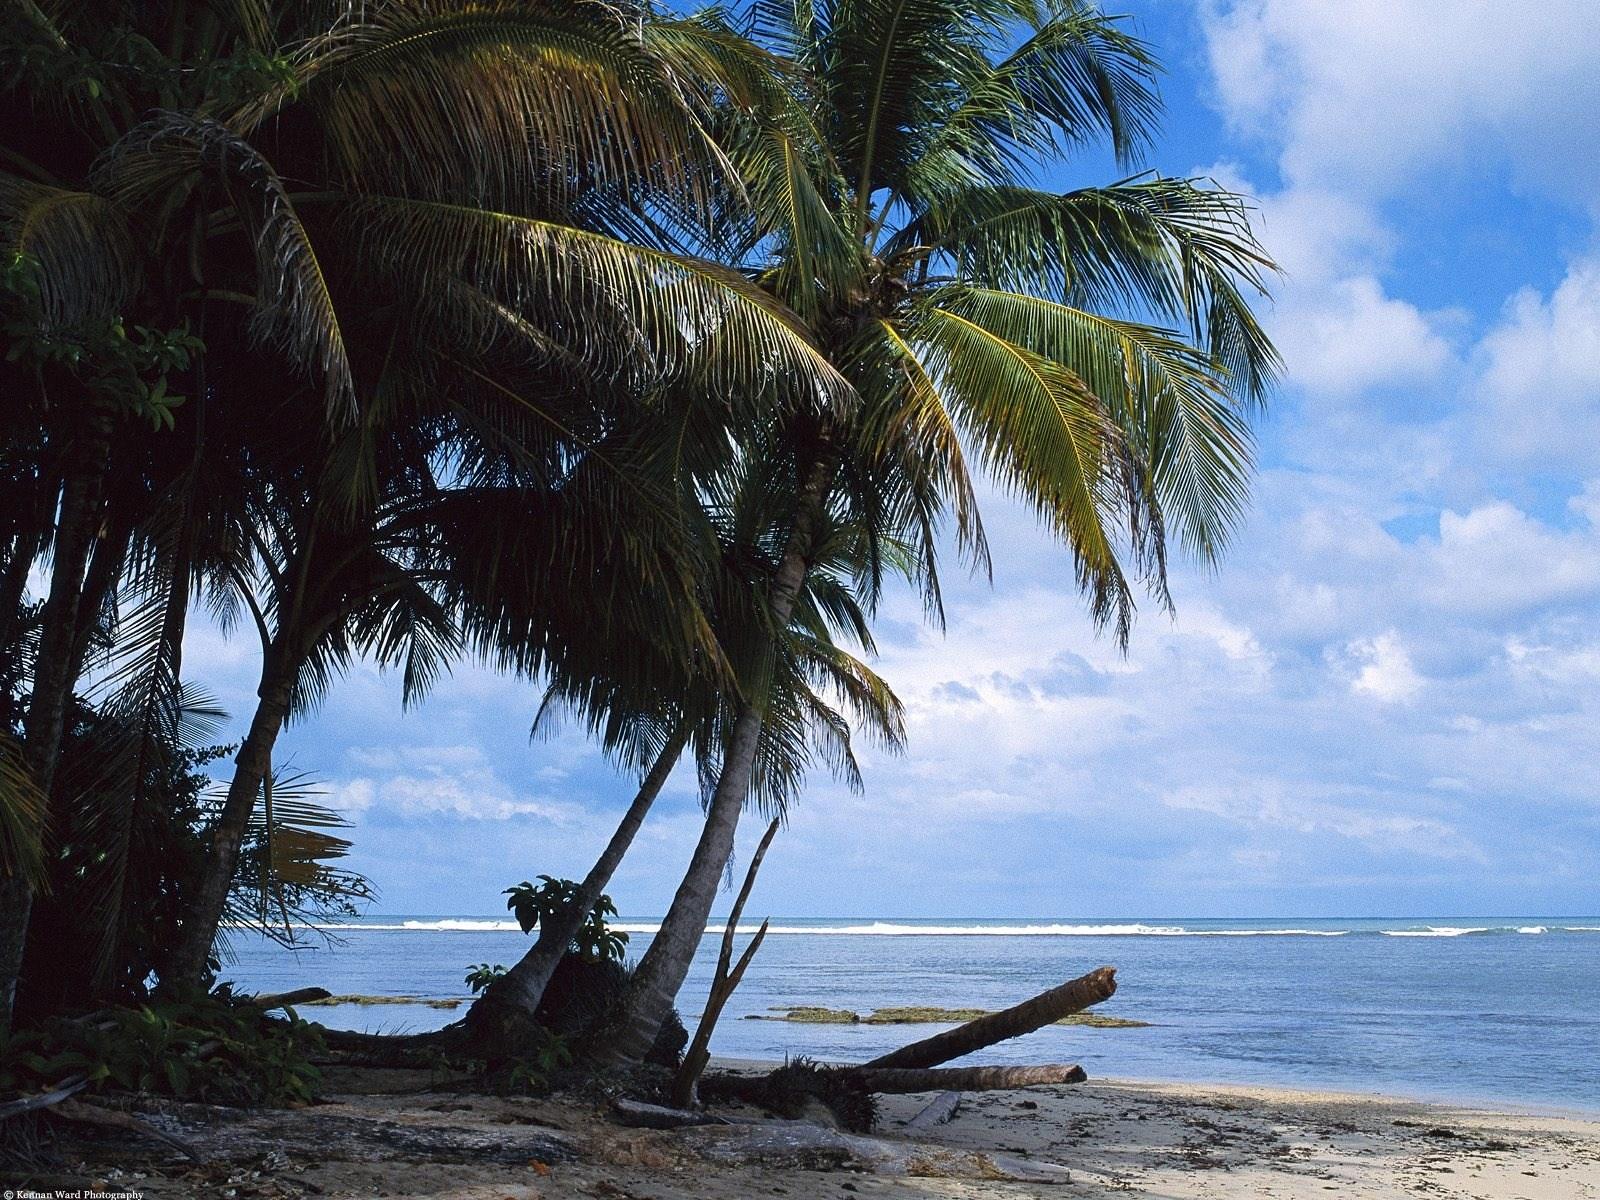 【高清图】海滨风光电脑桌面壁纸 第12页-zol图片频道